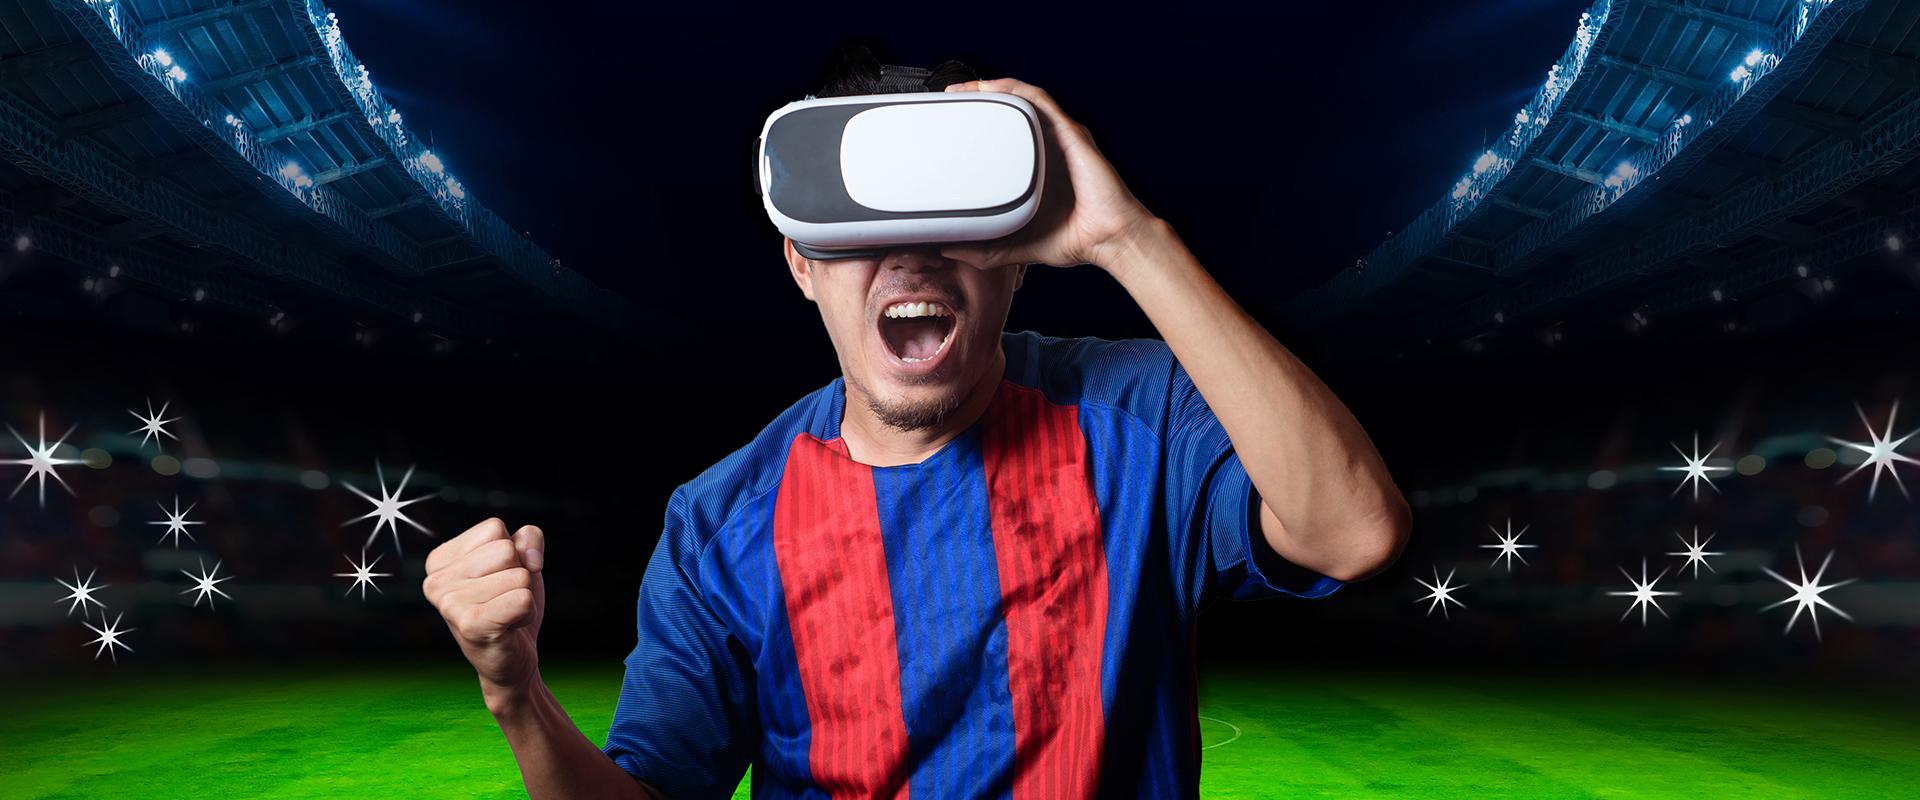 oculus venues e sport 4.0